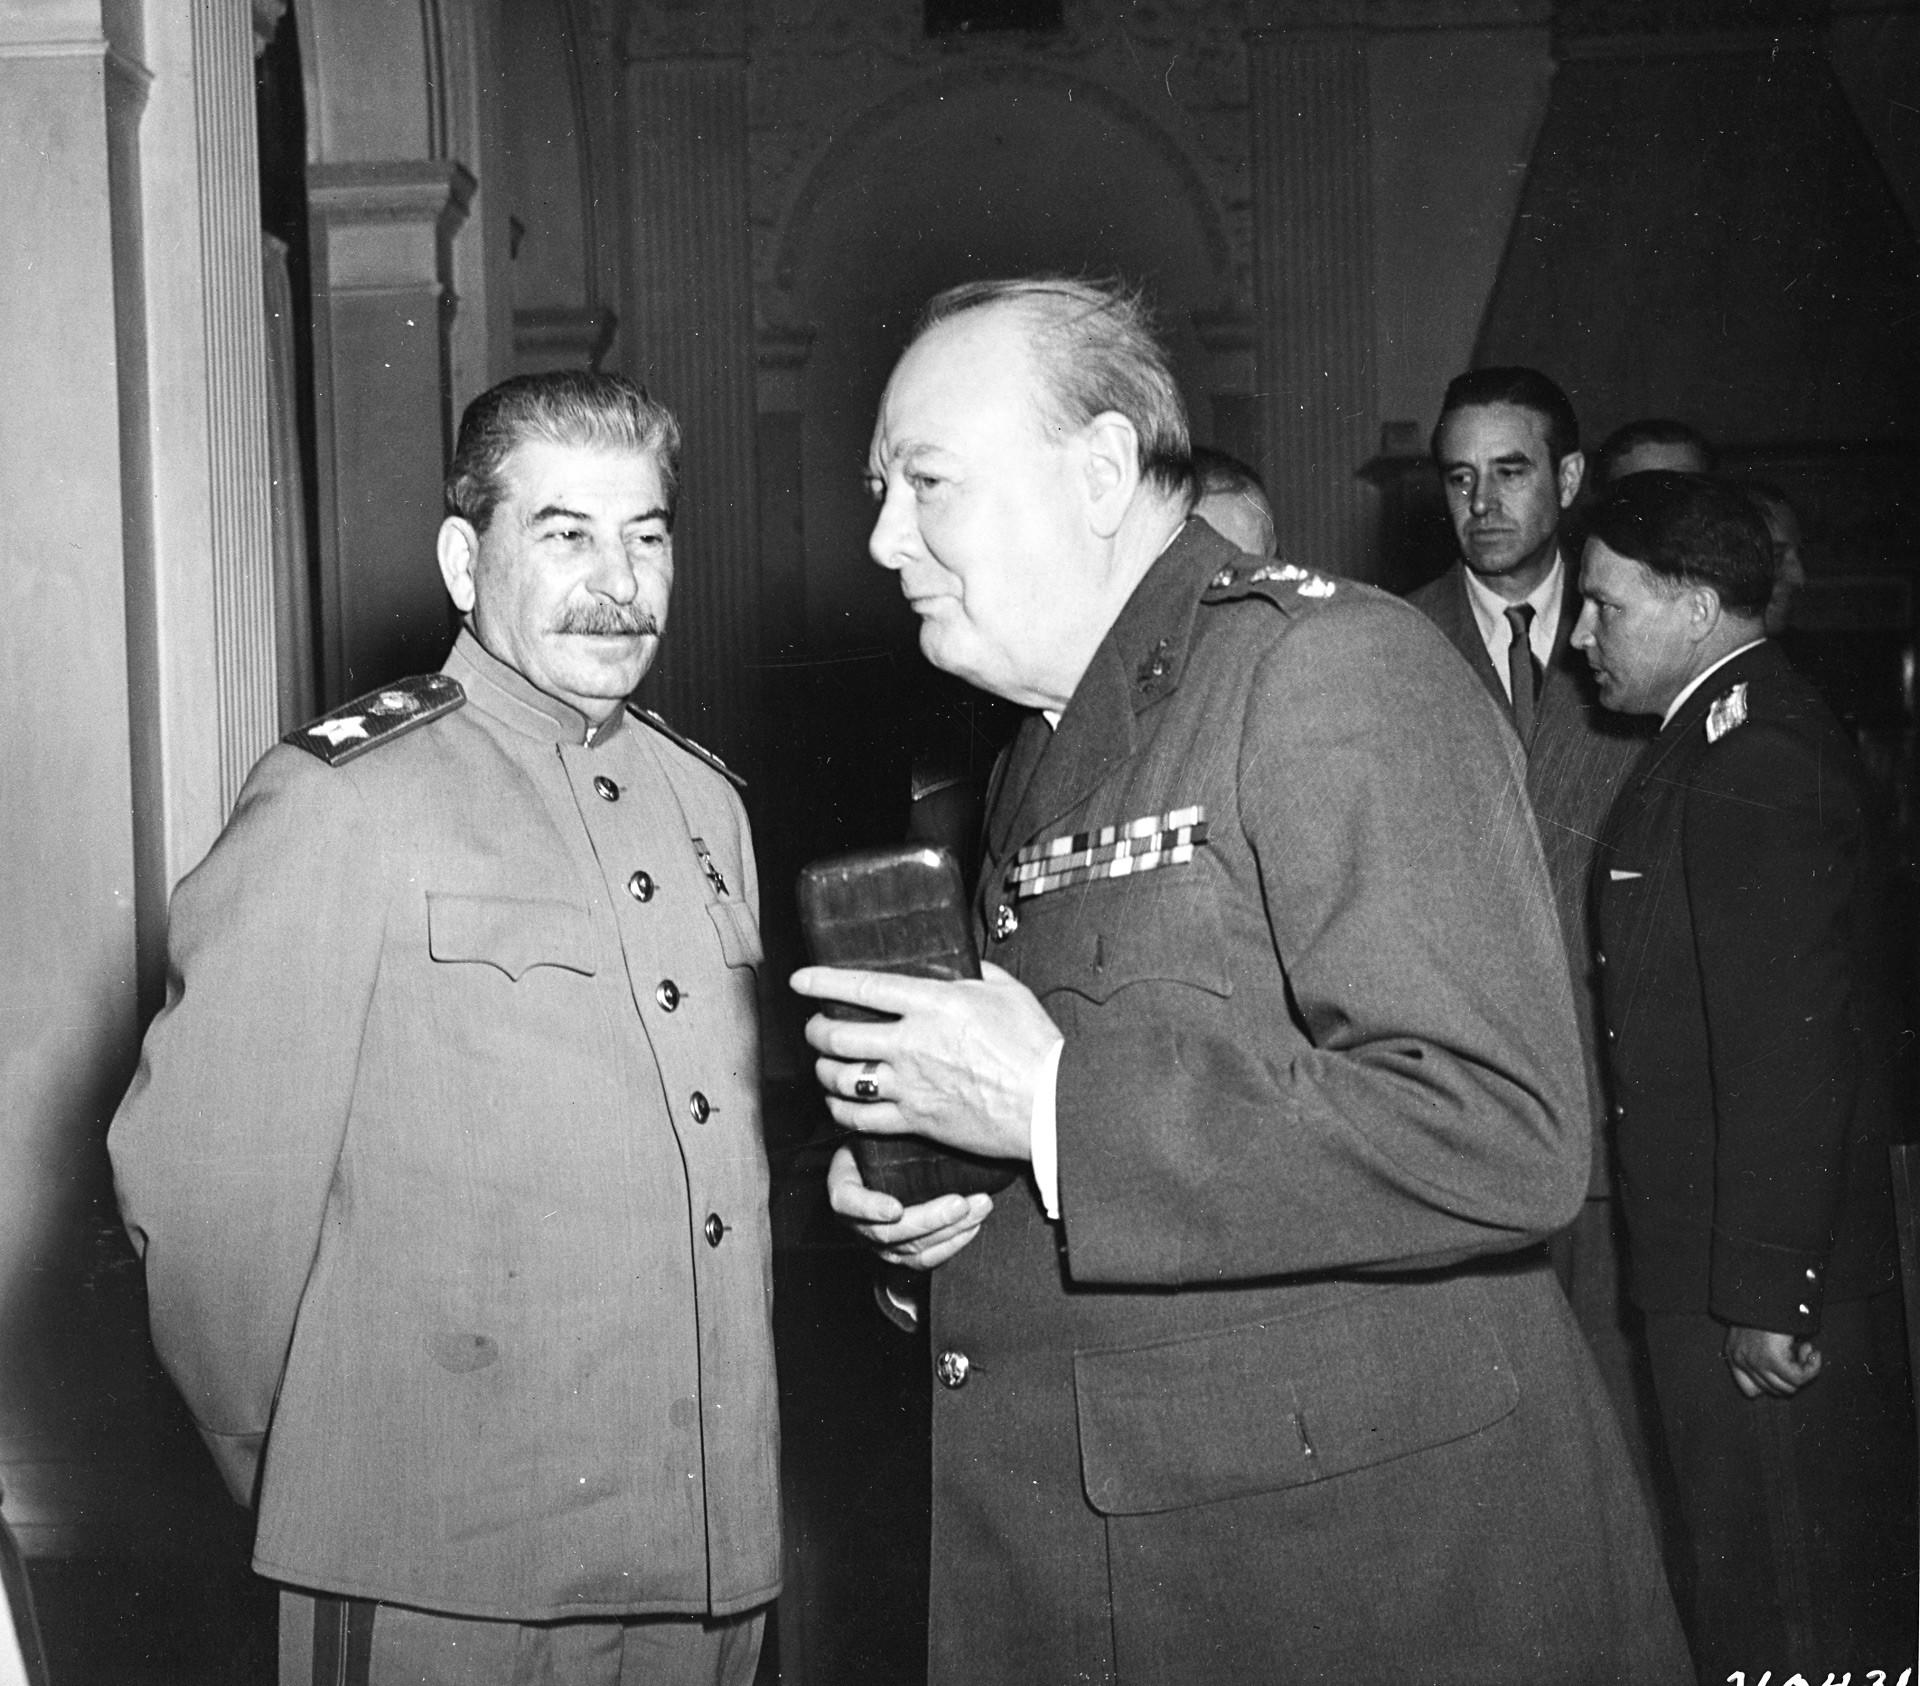 Iósif Stalin y Winston Churchill en la Conferencia de Yalta, febrero de 1945.